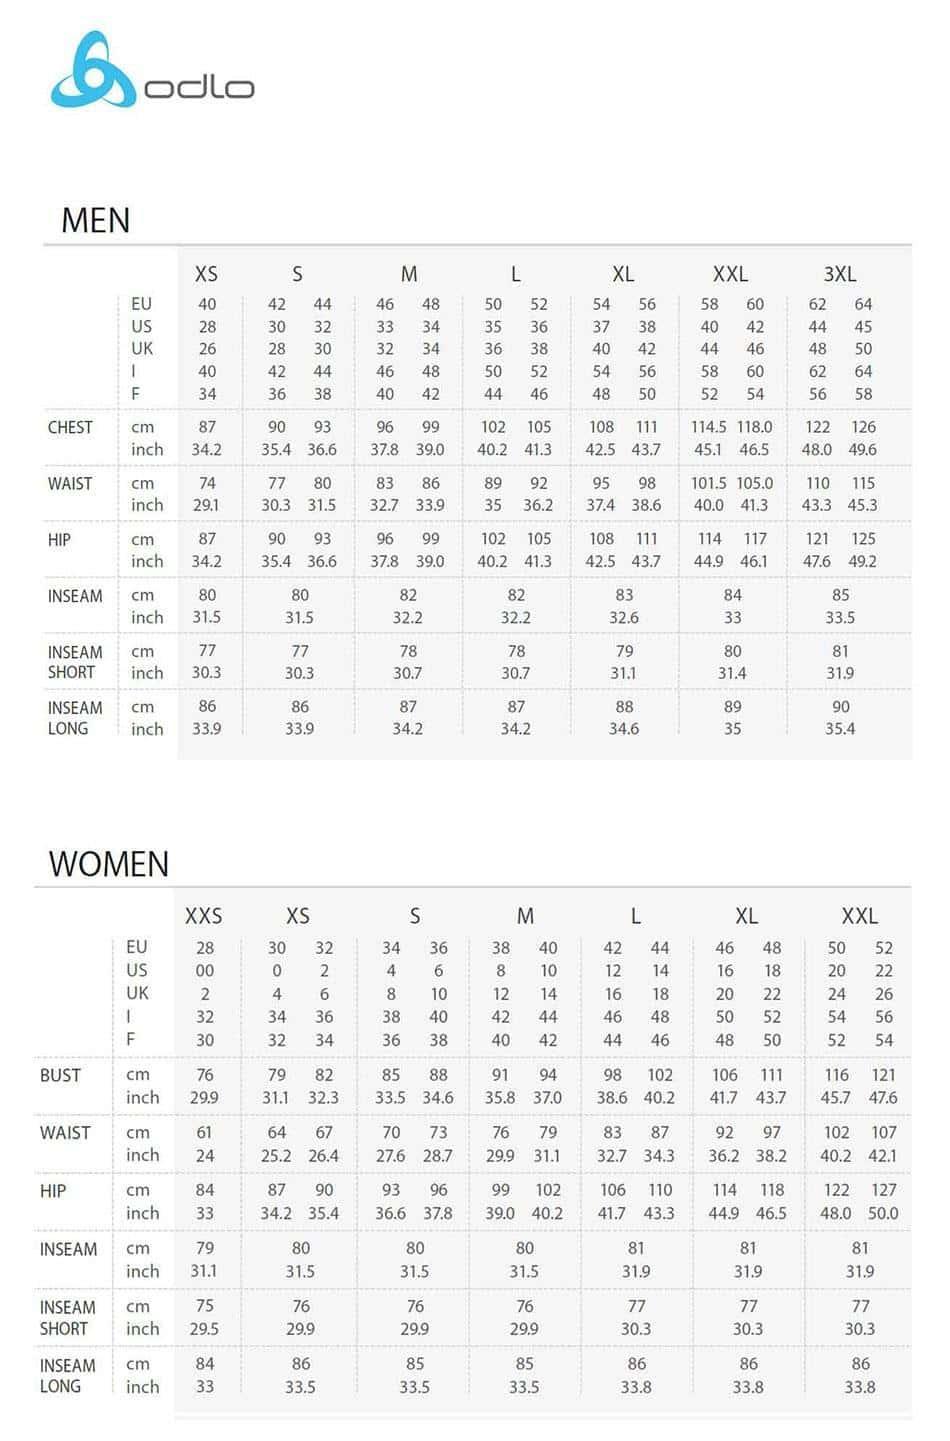 Dimensioni, dimensioni del marchio Odlo